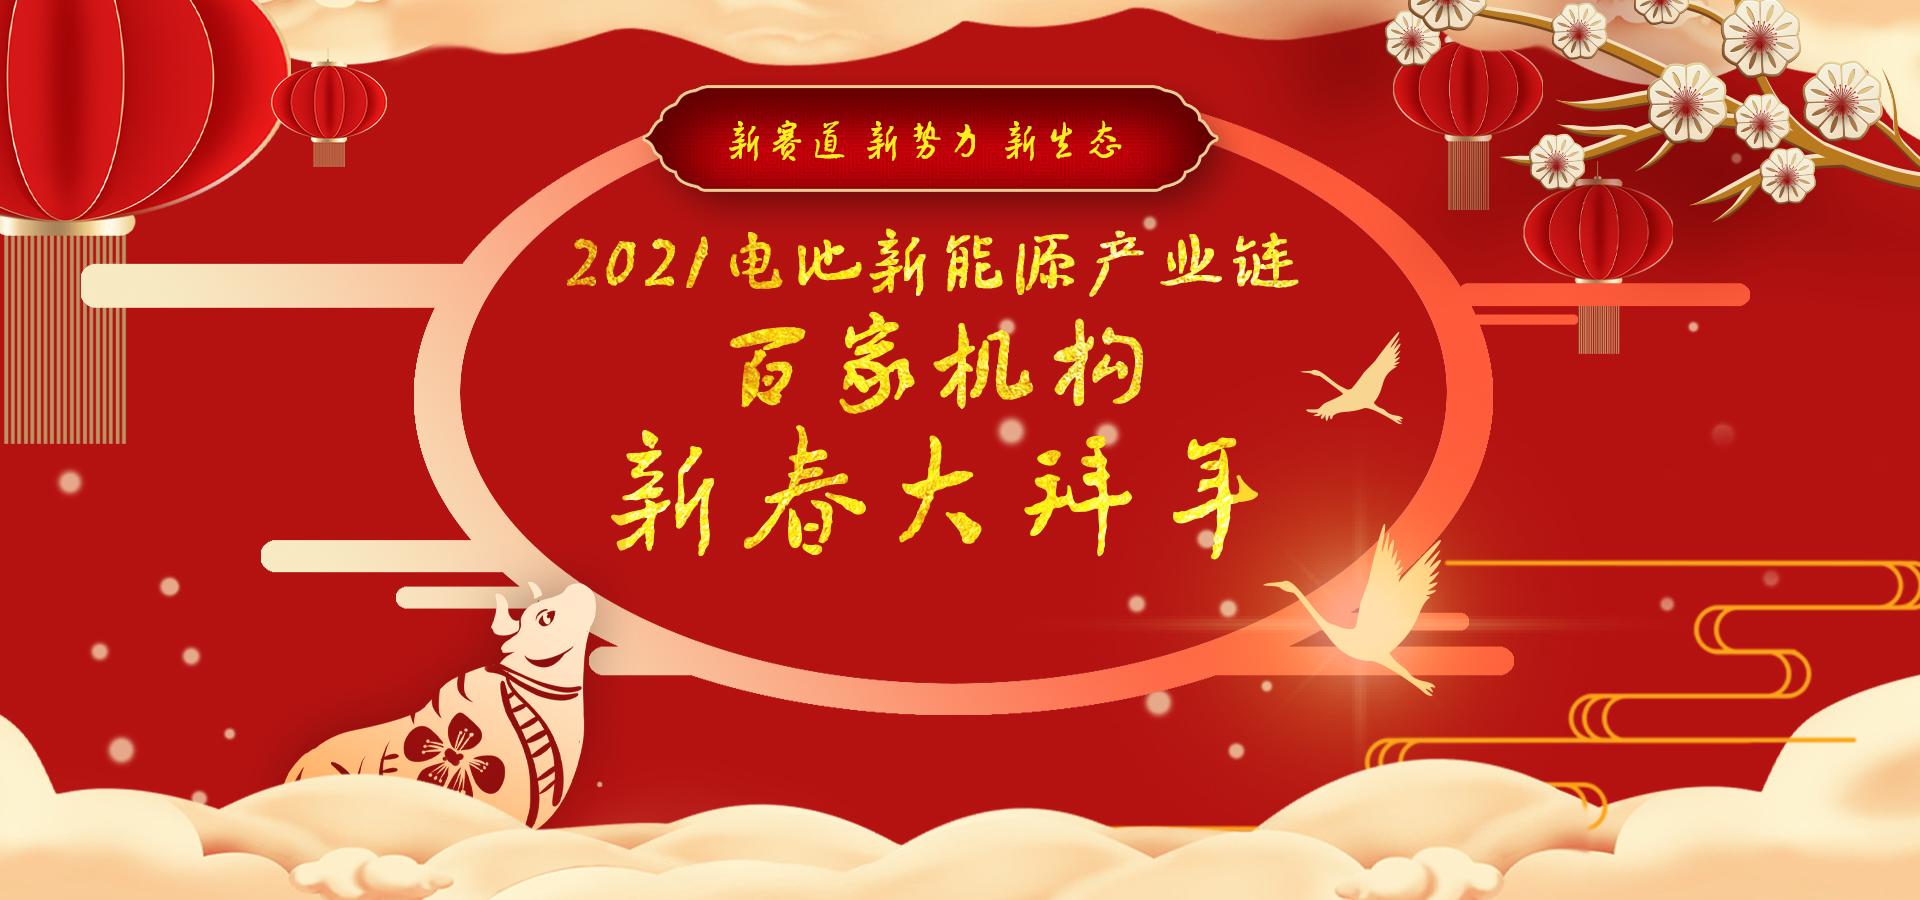 飞毛腿张皓:祝愿中国的新能源工作者更上一层楼